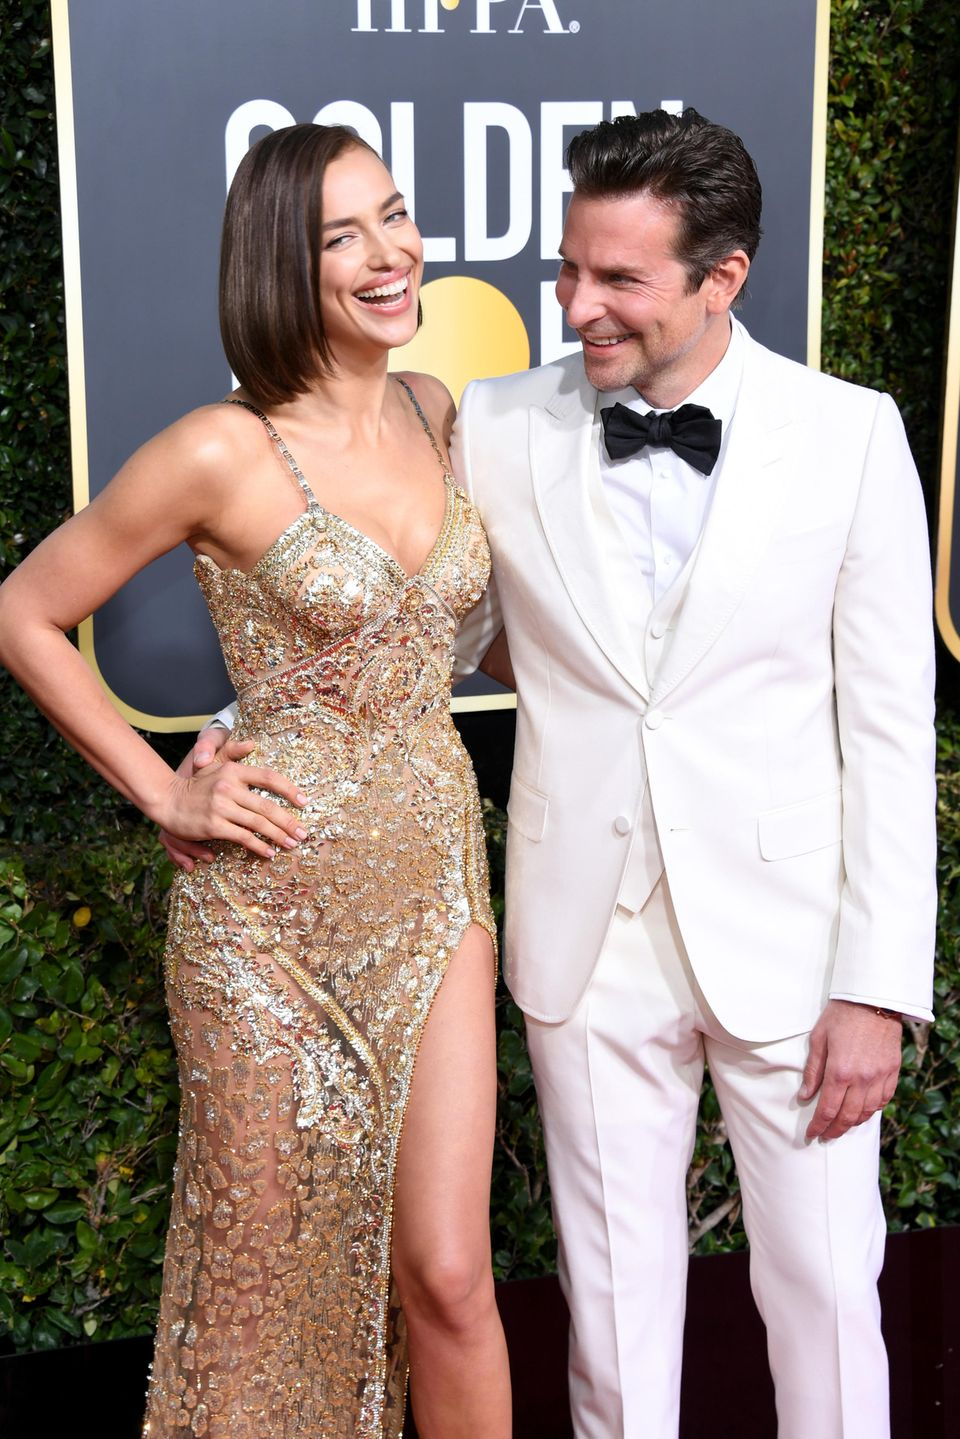 Supermodel Irina Shayk und Hollywoodstar Bradley Cooper verströmen gute Laune auf dem Red Carpet der Golden Globe Awards.